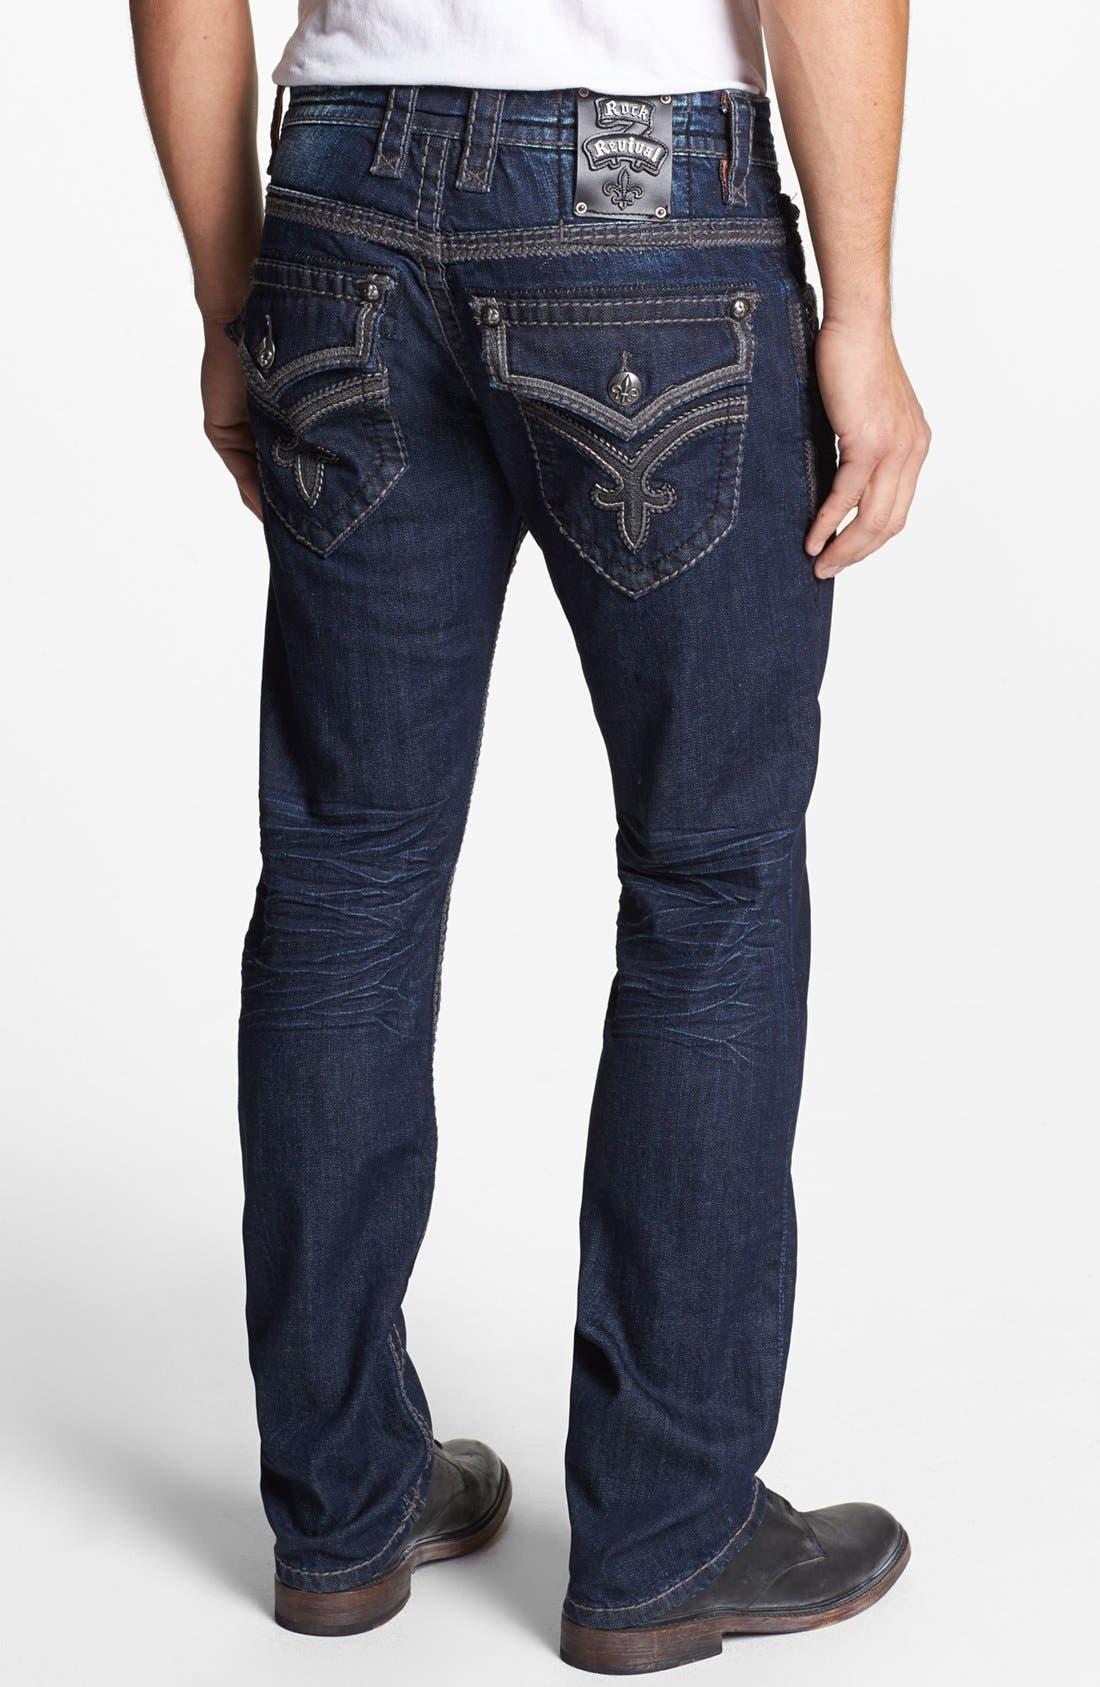 Alternate Image 1 Selected - Rock Revival 'Ben' Alternative Straight Leg Jeans (Dark Blue )